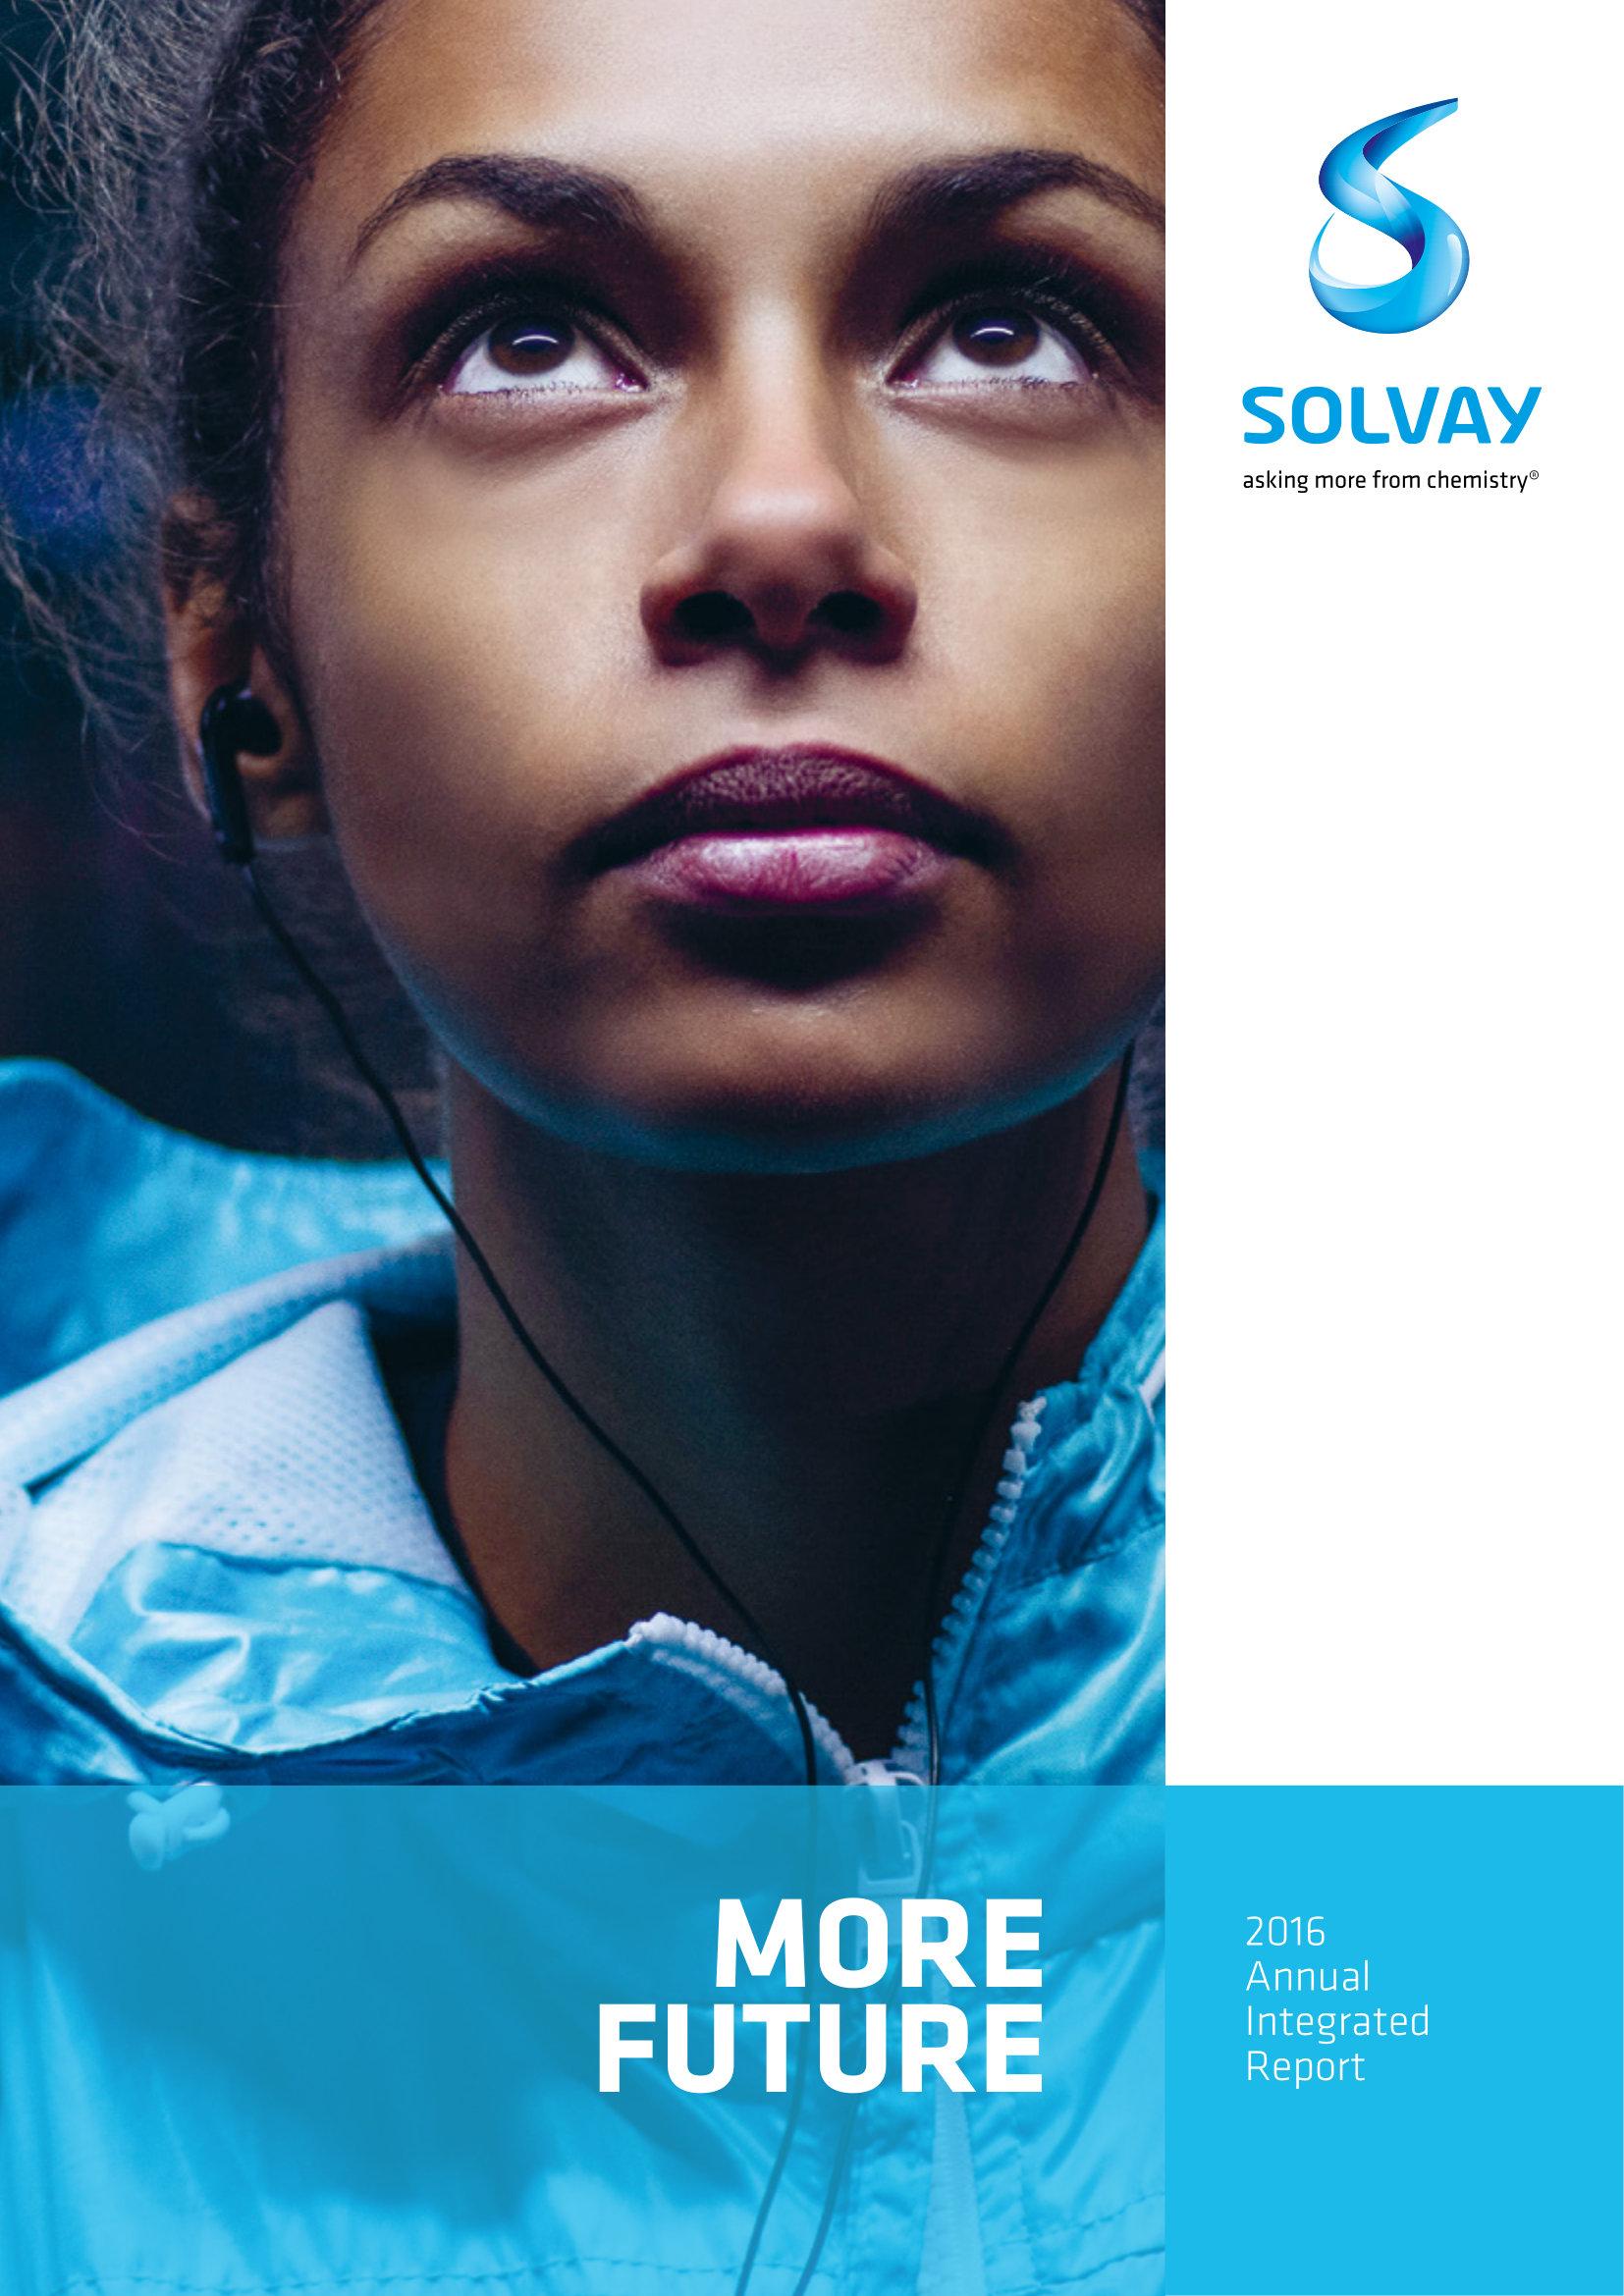 solvay annual report 2016 pdf